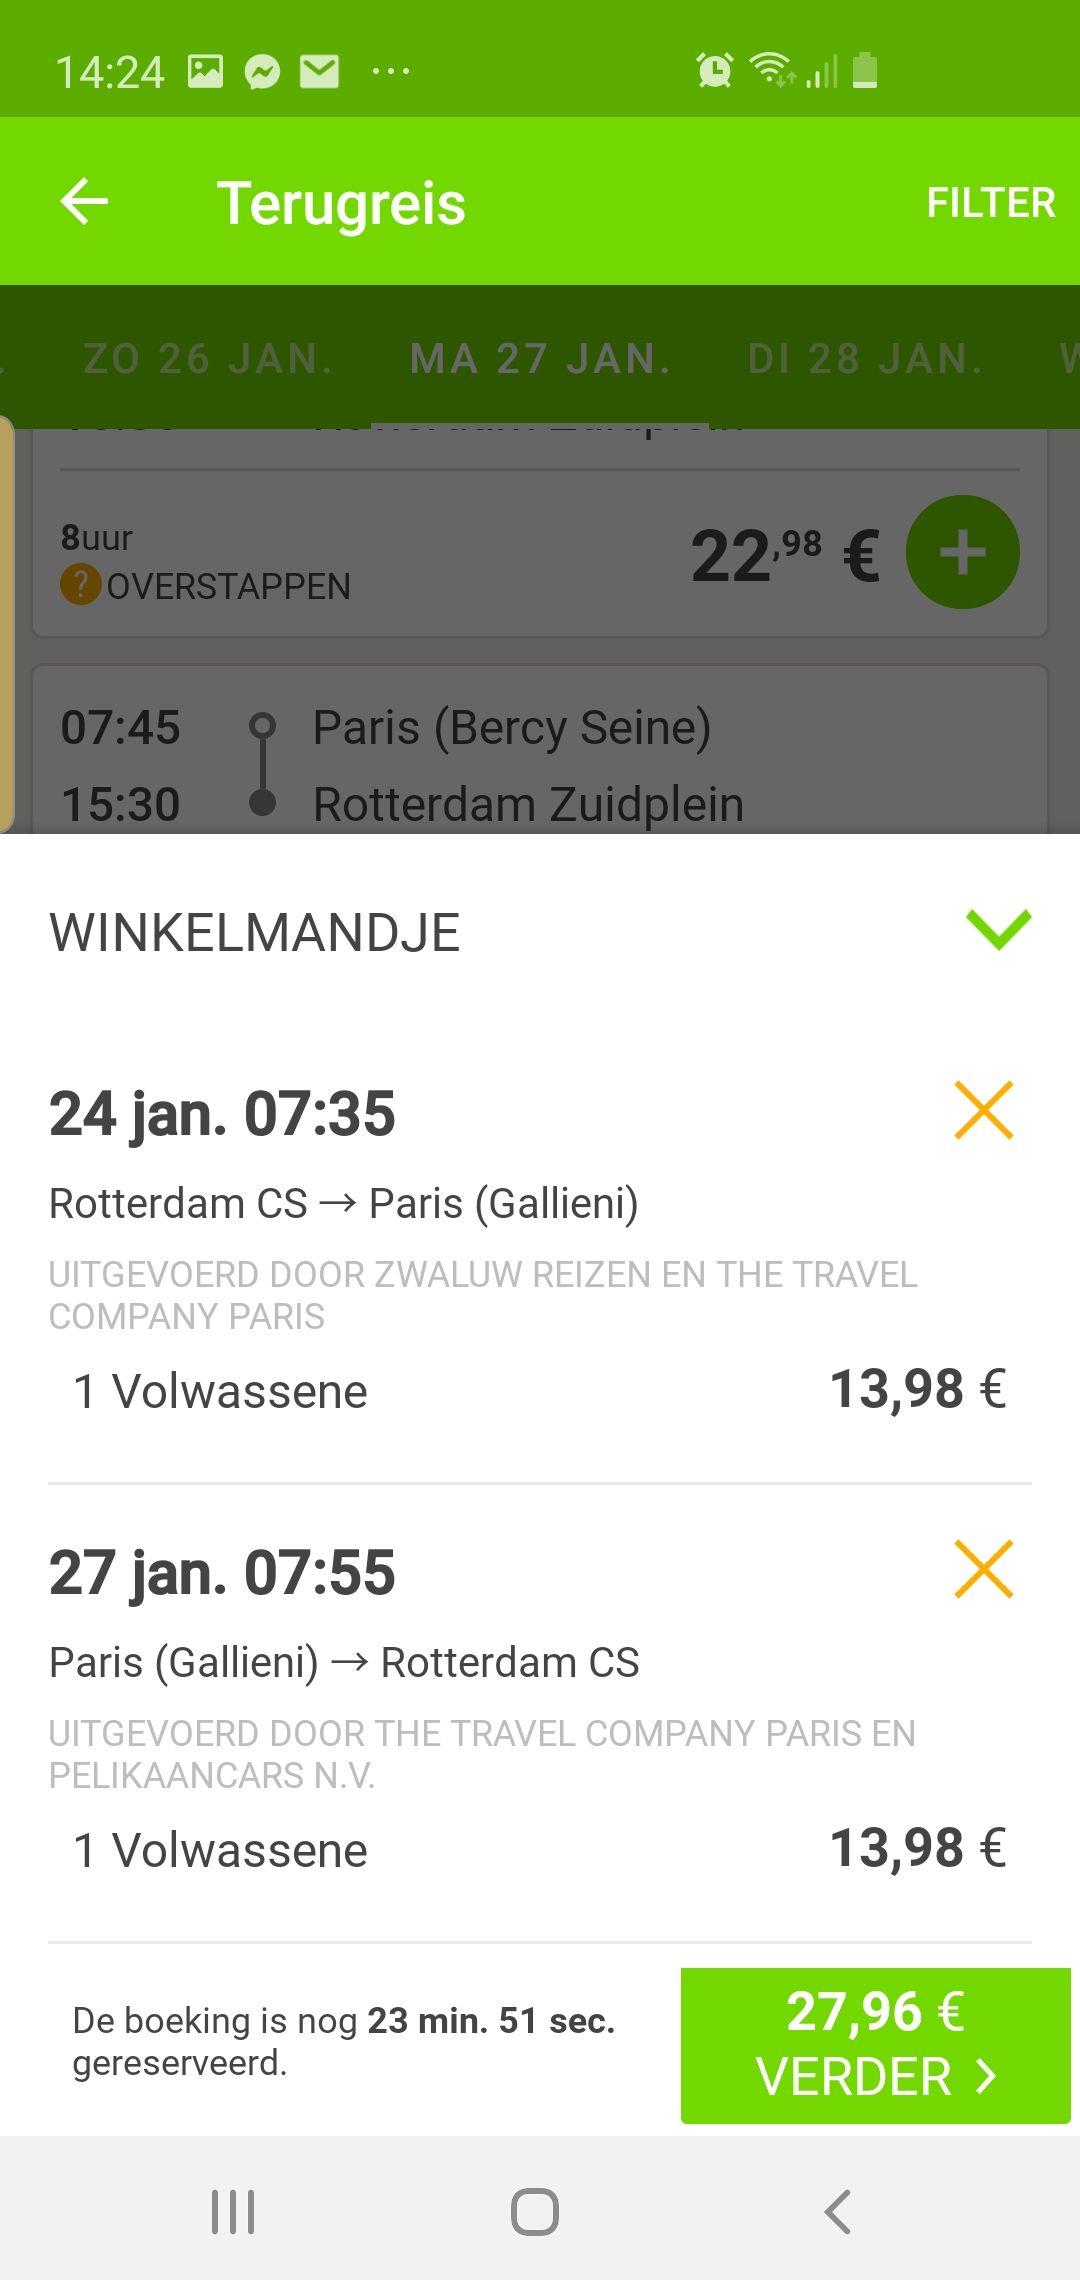 Heen en weer busticket flixbus voor maar €27.96